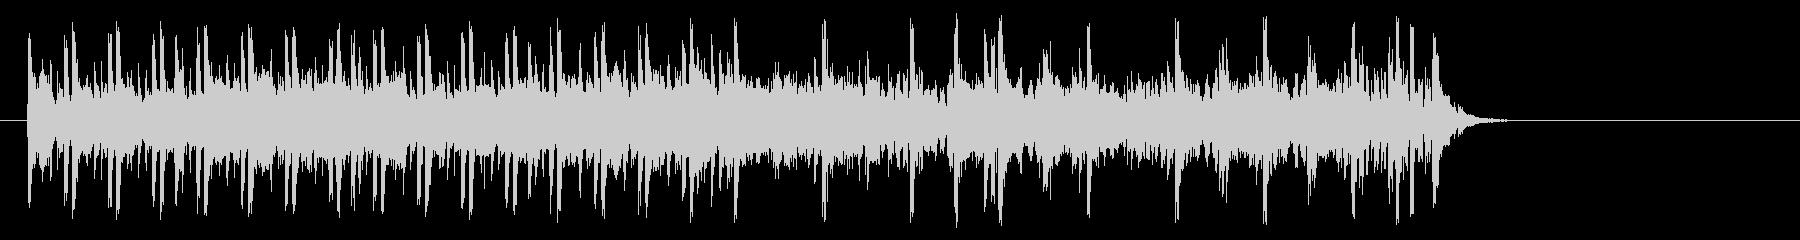 充実感溢れるポップ(A~イントロ~エ…)の未再生の波形